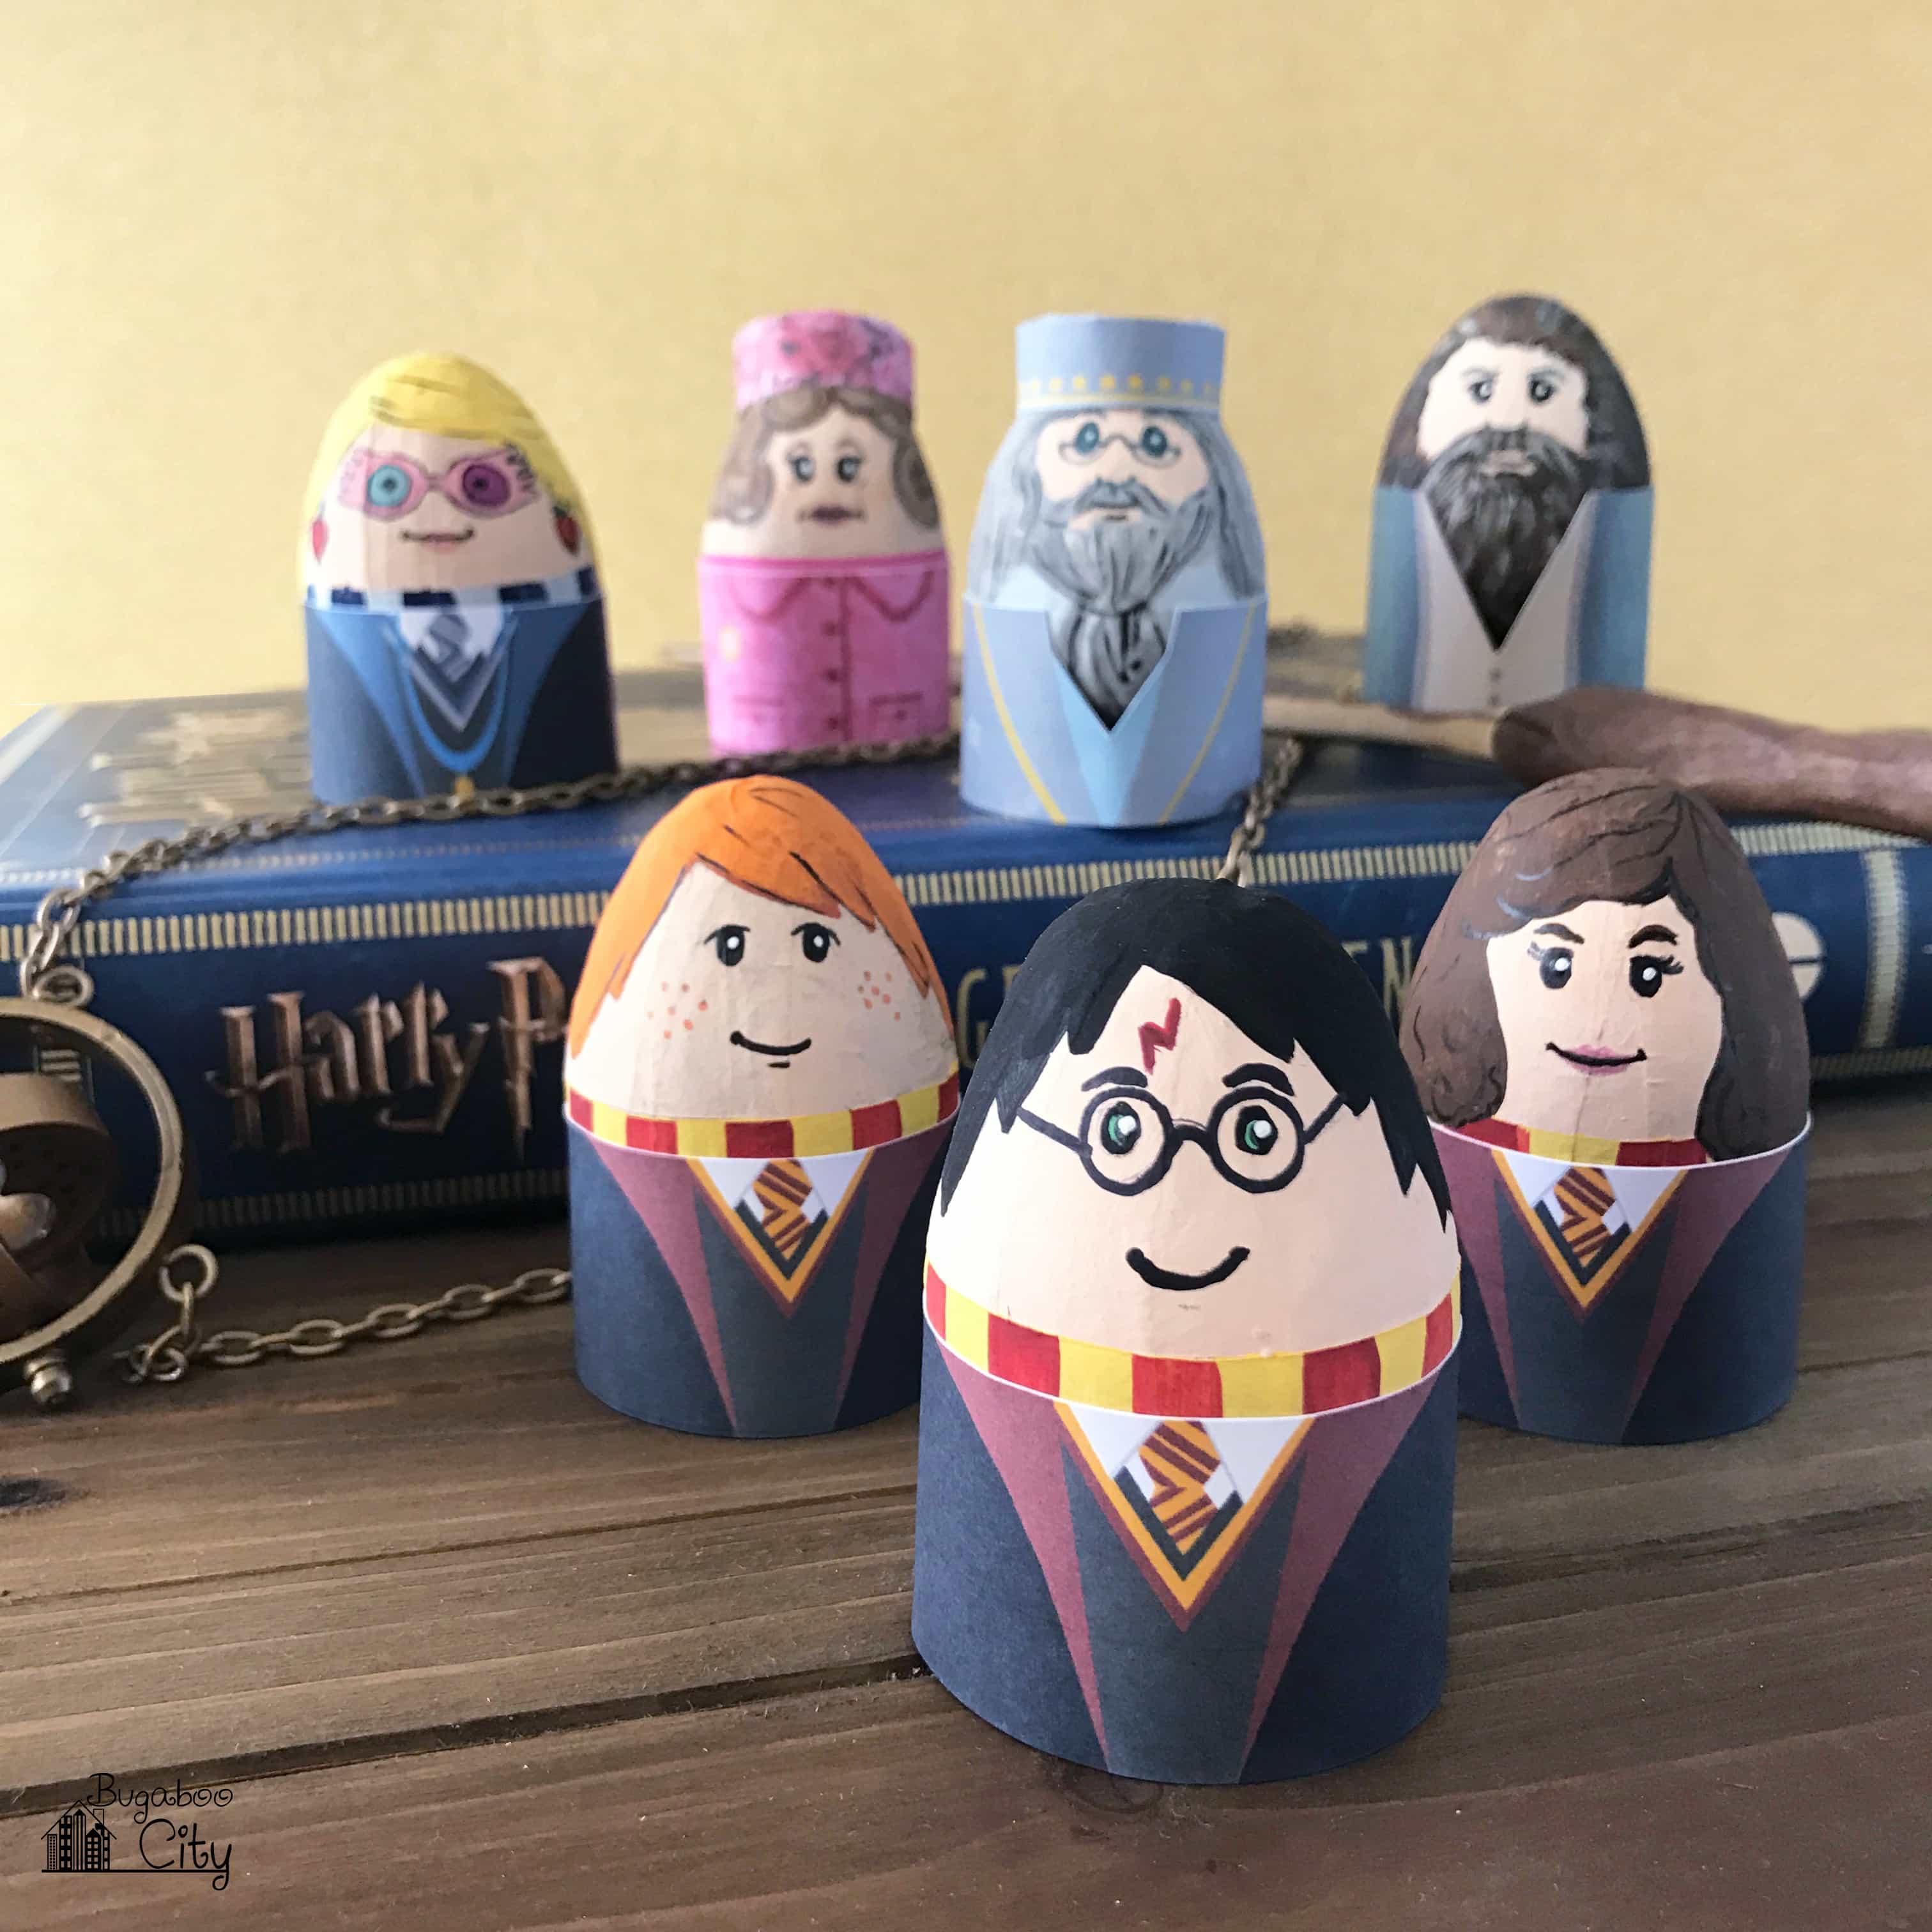 Harry Potter Easter Eggs